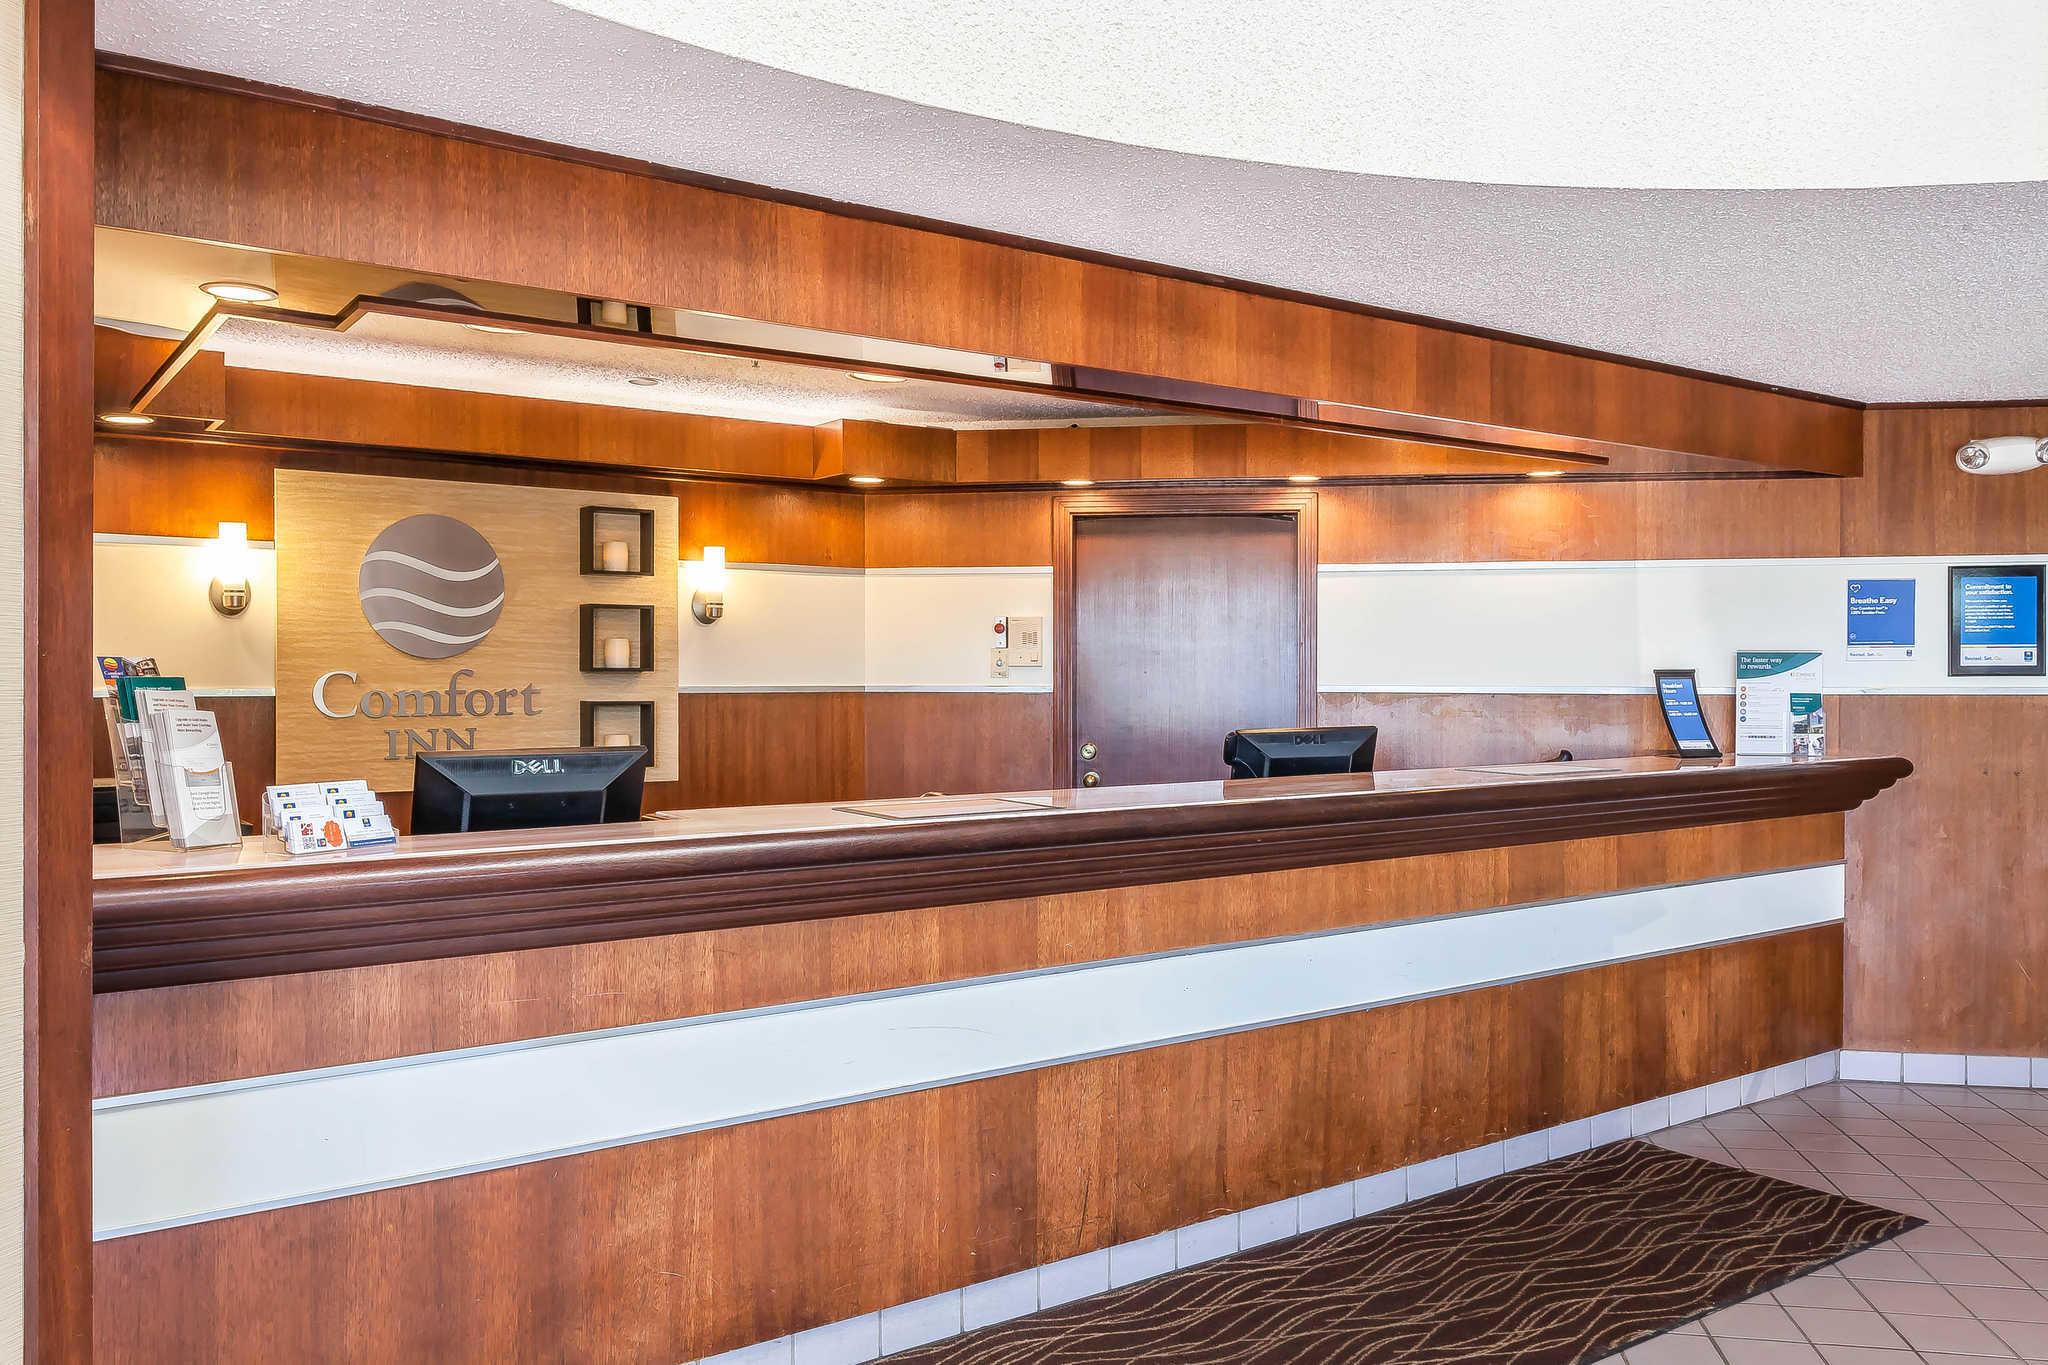 Comfort Inn - Hall of Fame image 4